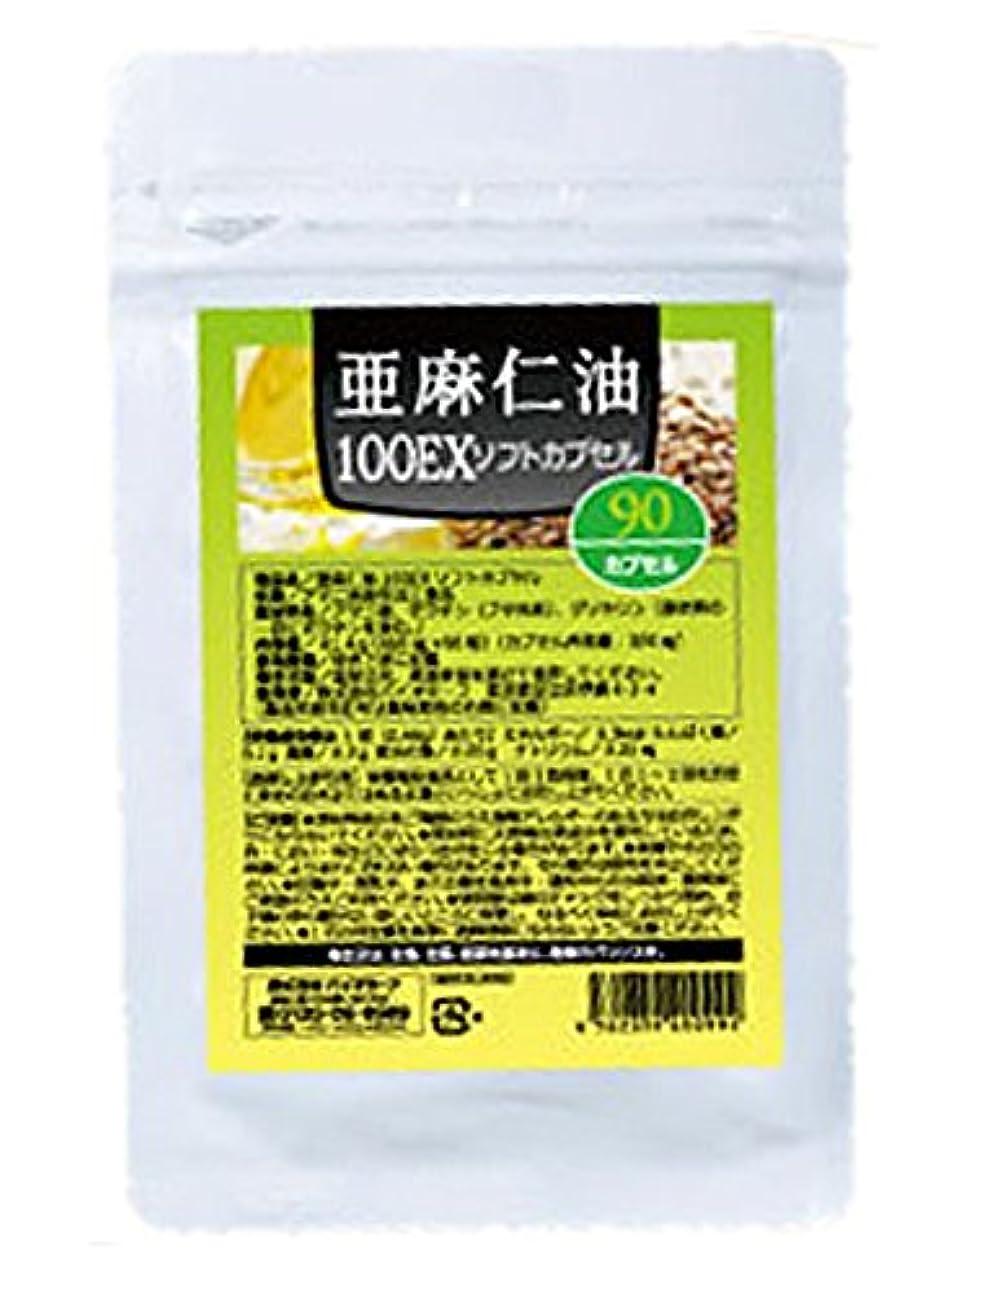 ナインへコンチネンタル立派な亜麻仁油100EXソフトカプセル 90粒入